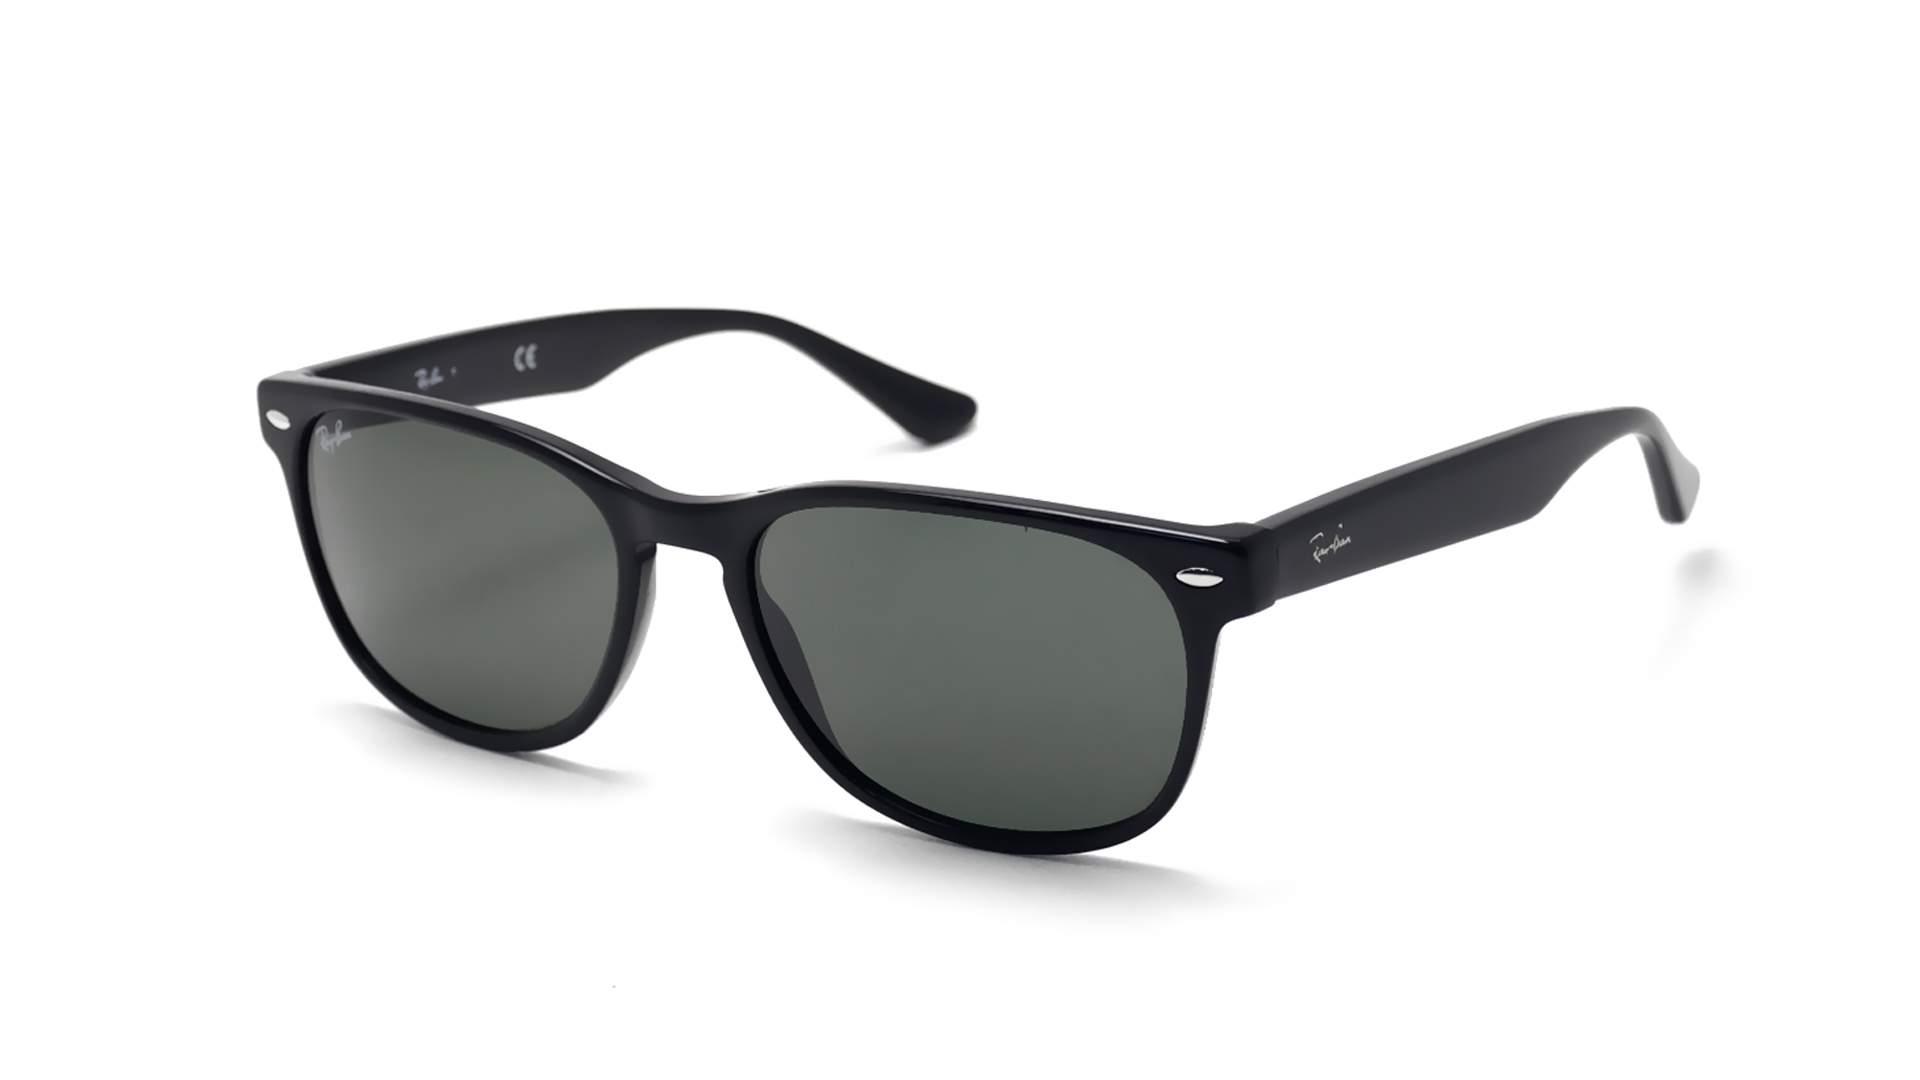 3d5c37fedd3 Sunglasses Ray-Ban RB2184 901 31 57-18 Black Large